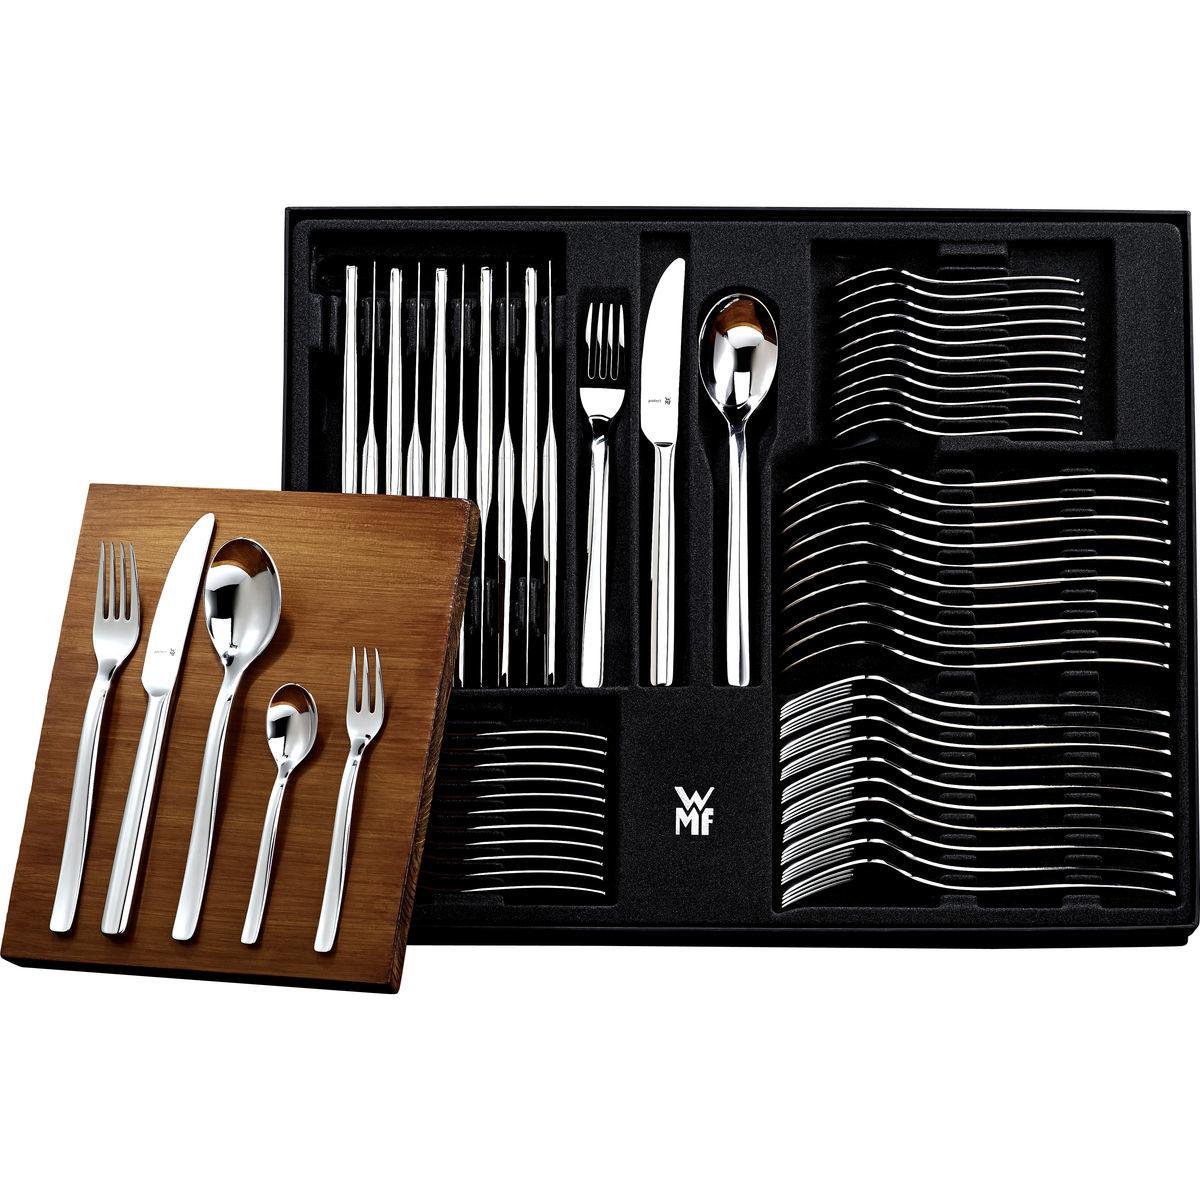 WMF Besteck-Garnitur ATIC 60-teilig, Cromargan protect und Hohlheft-Messer